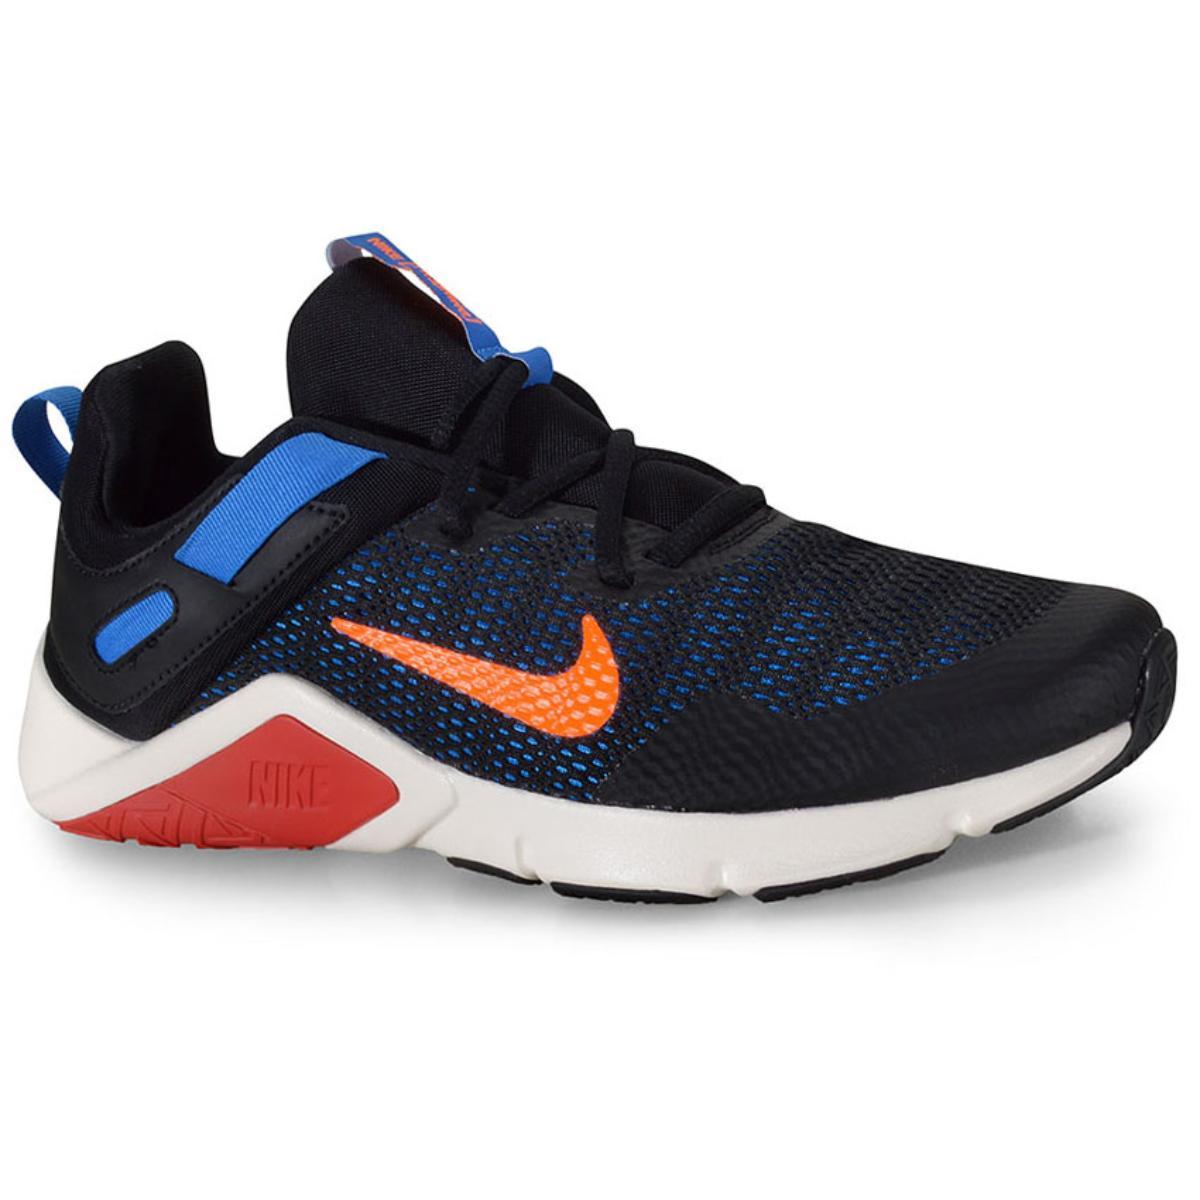 Tênis Masculino Nike Cd0443-003 Legend Essential Preto/azul